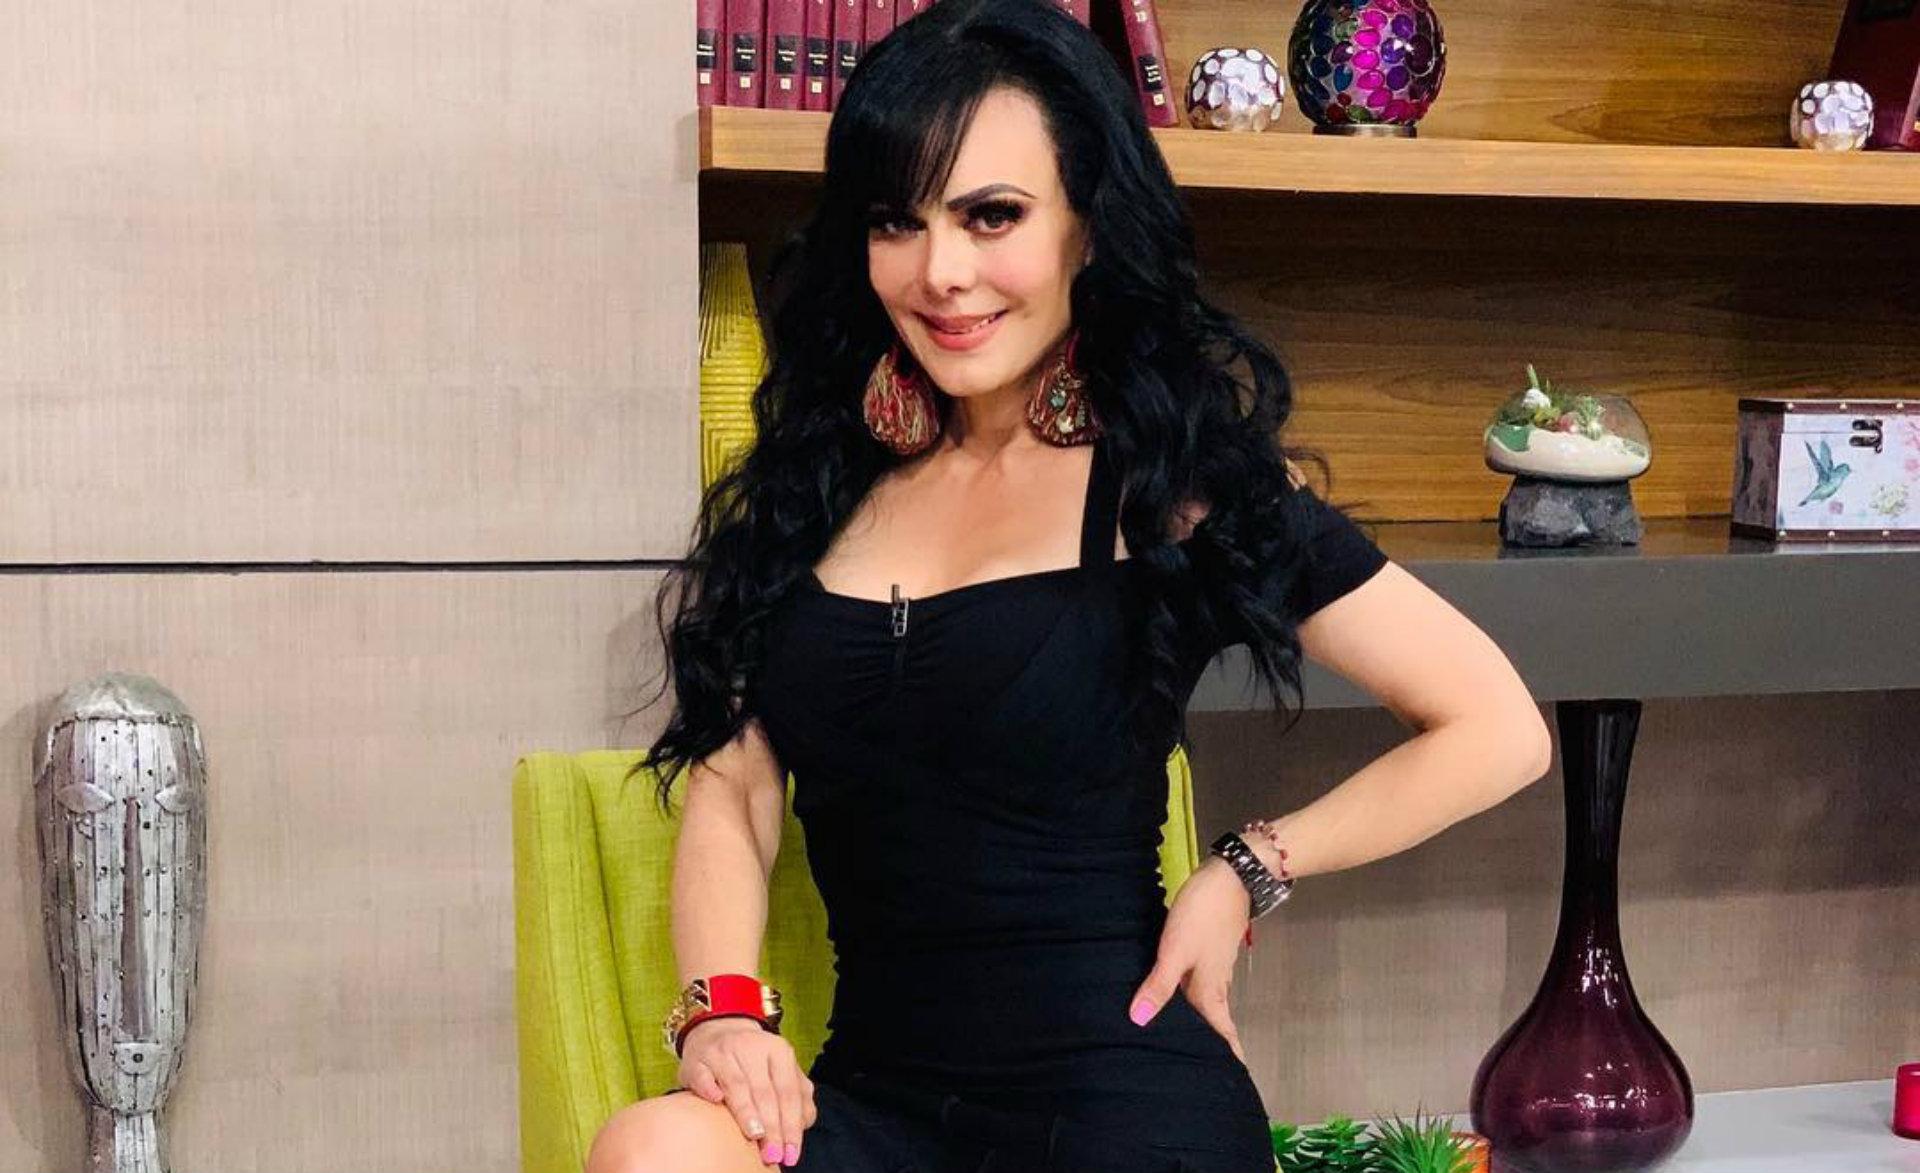 Maribel Guardia, choque, Televisa, accidente, programa, televisión